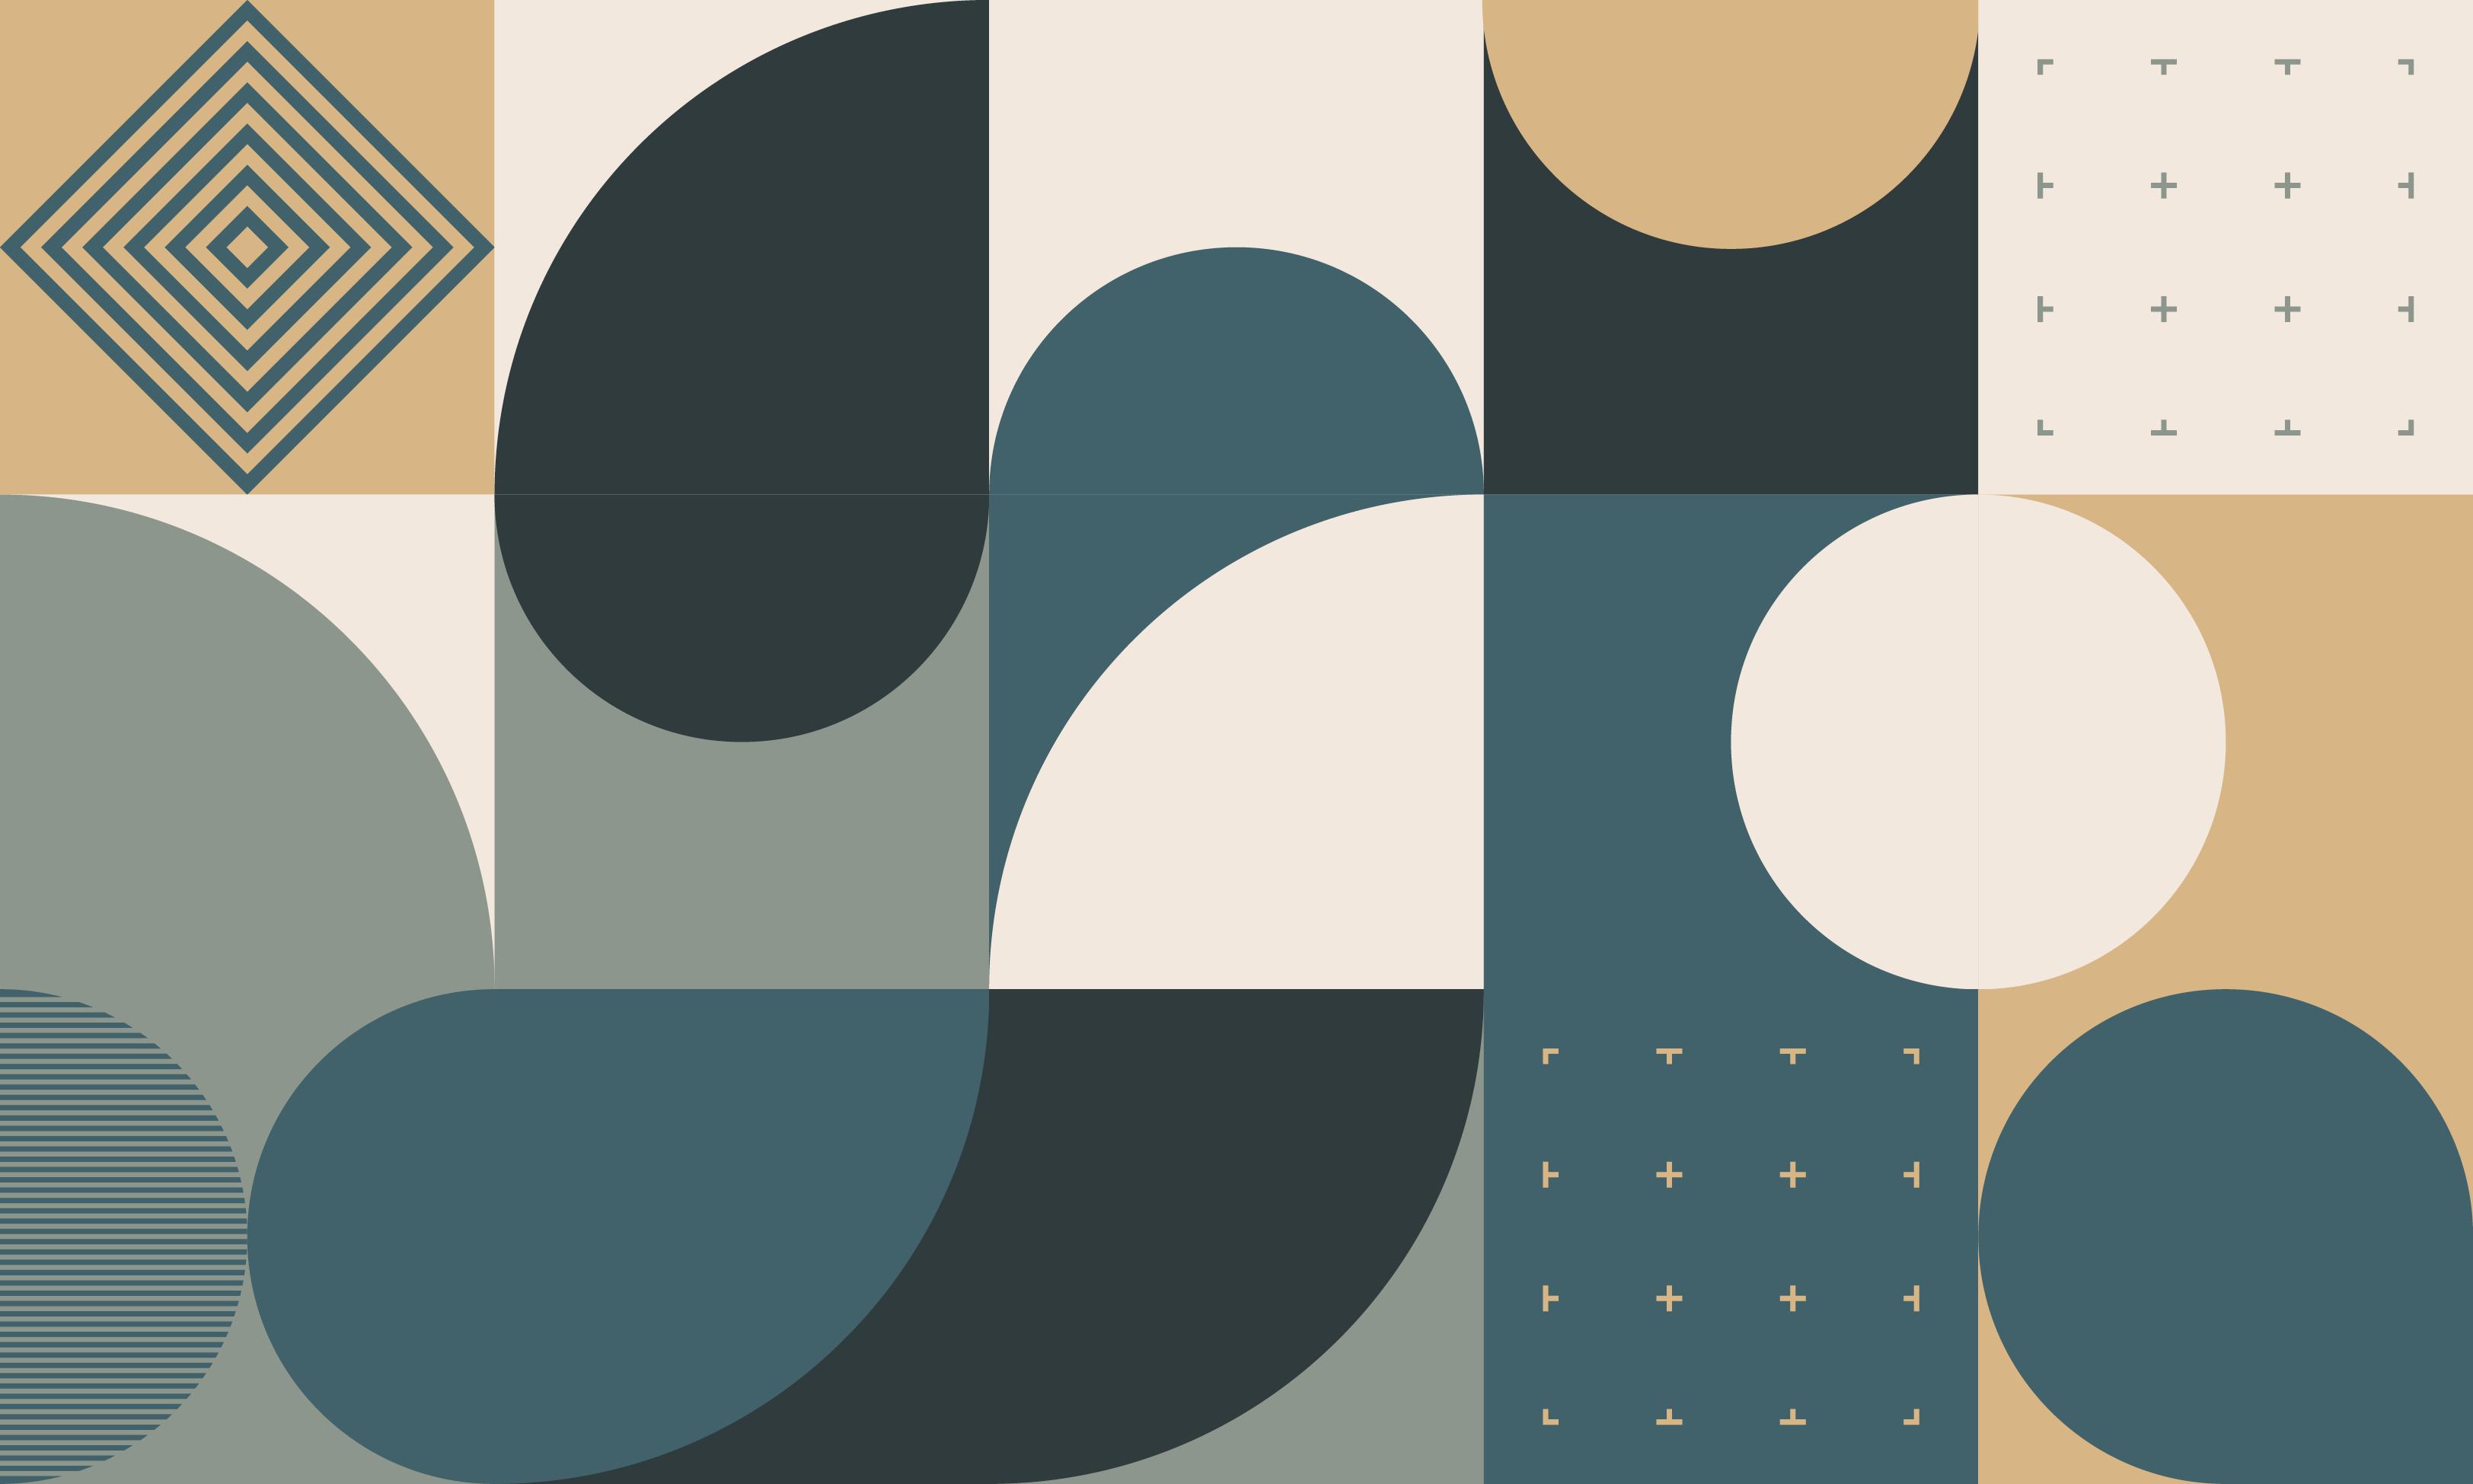 Grafik im Bauhaus-Stil